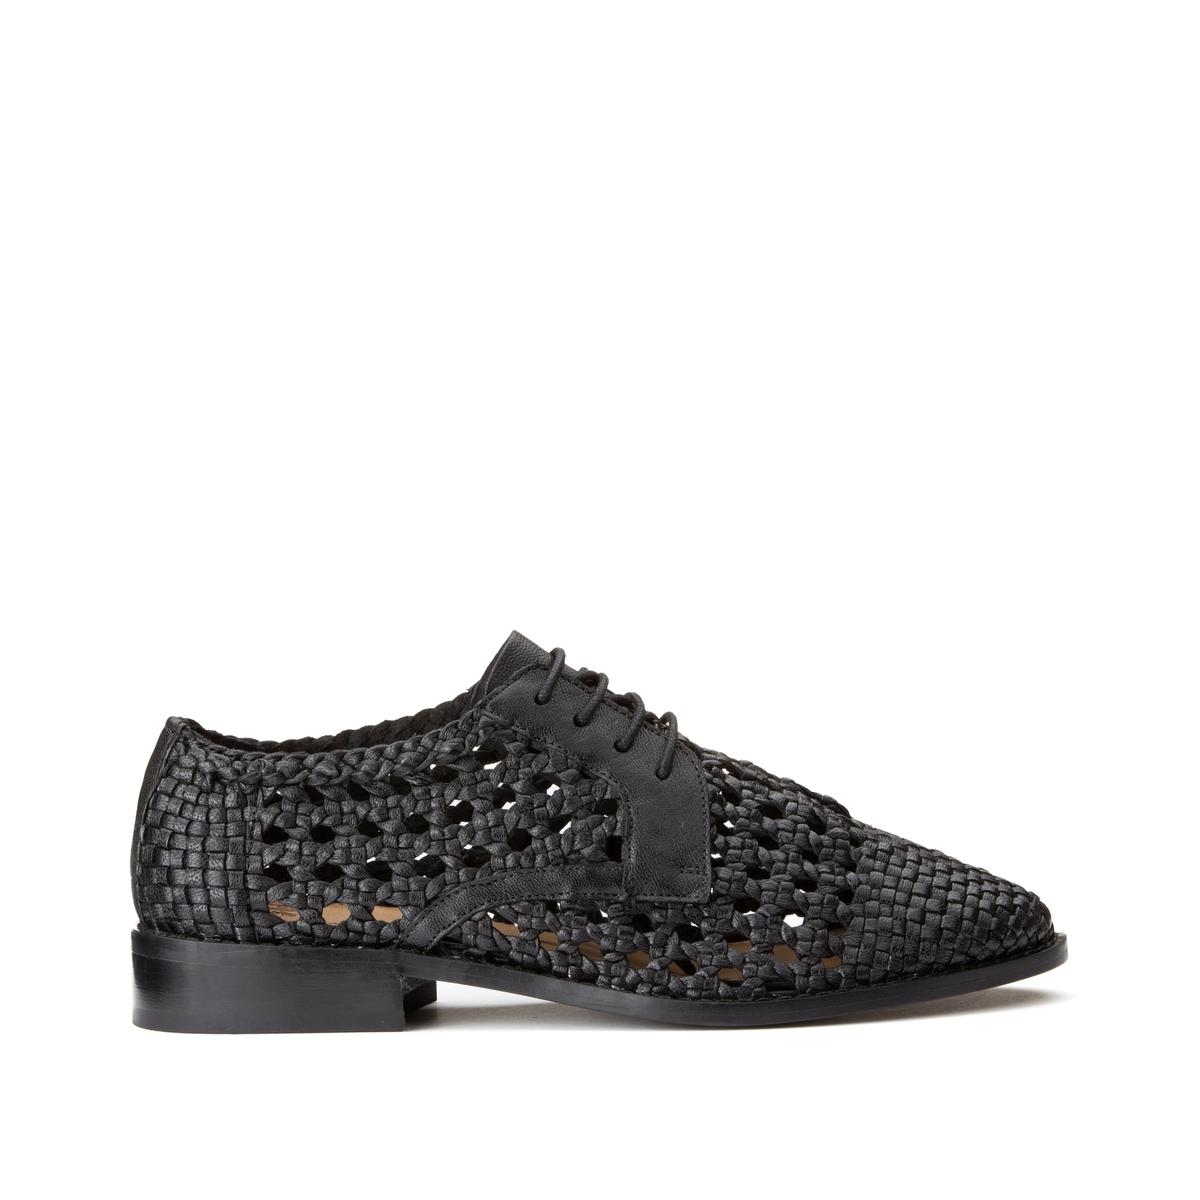 Ботинки-дерби LaRedoute Кожаные ажурные на шнуровке 38 черный